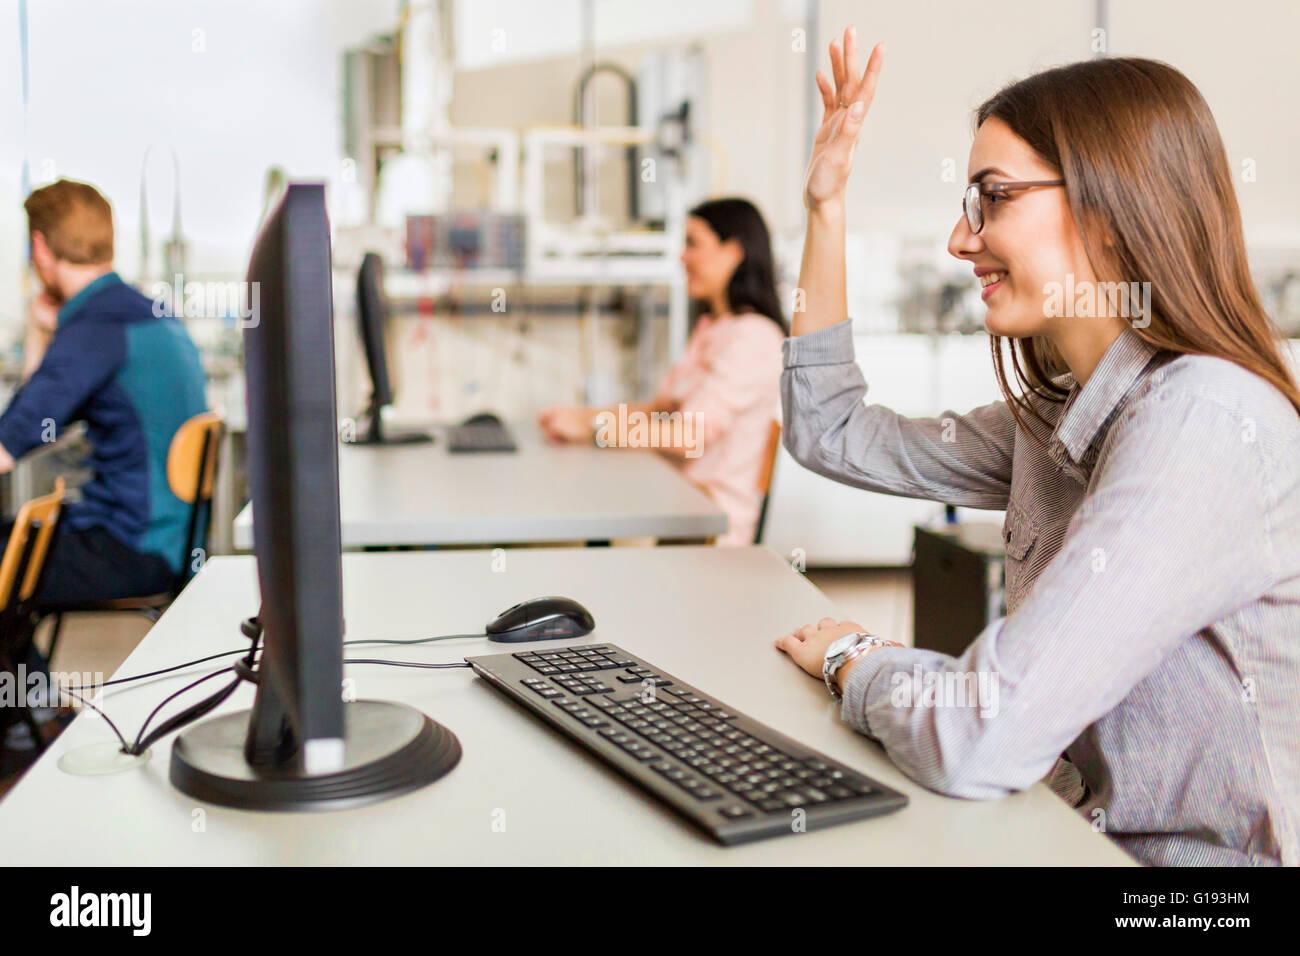 Belle jeune fille raising hand in classroom tandis qu'assis à un bureau Banque D'Images